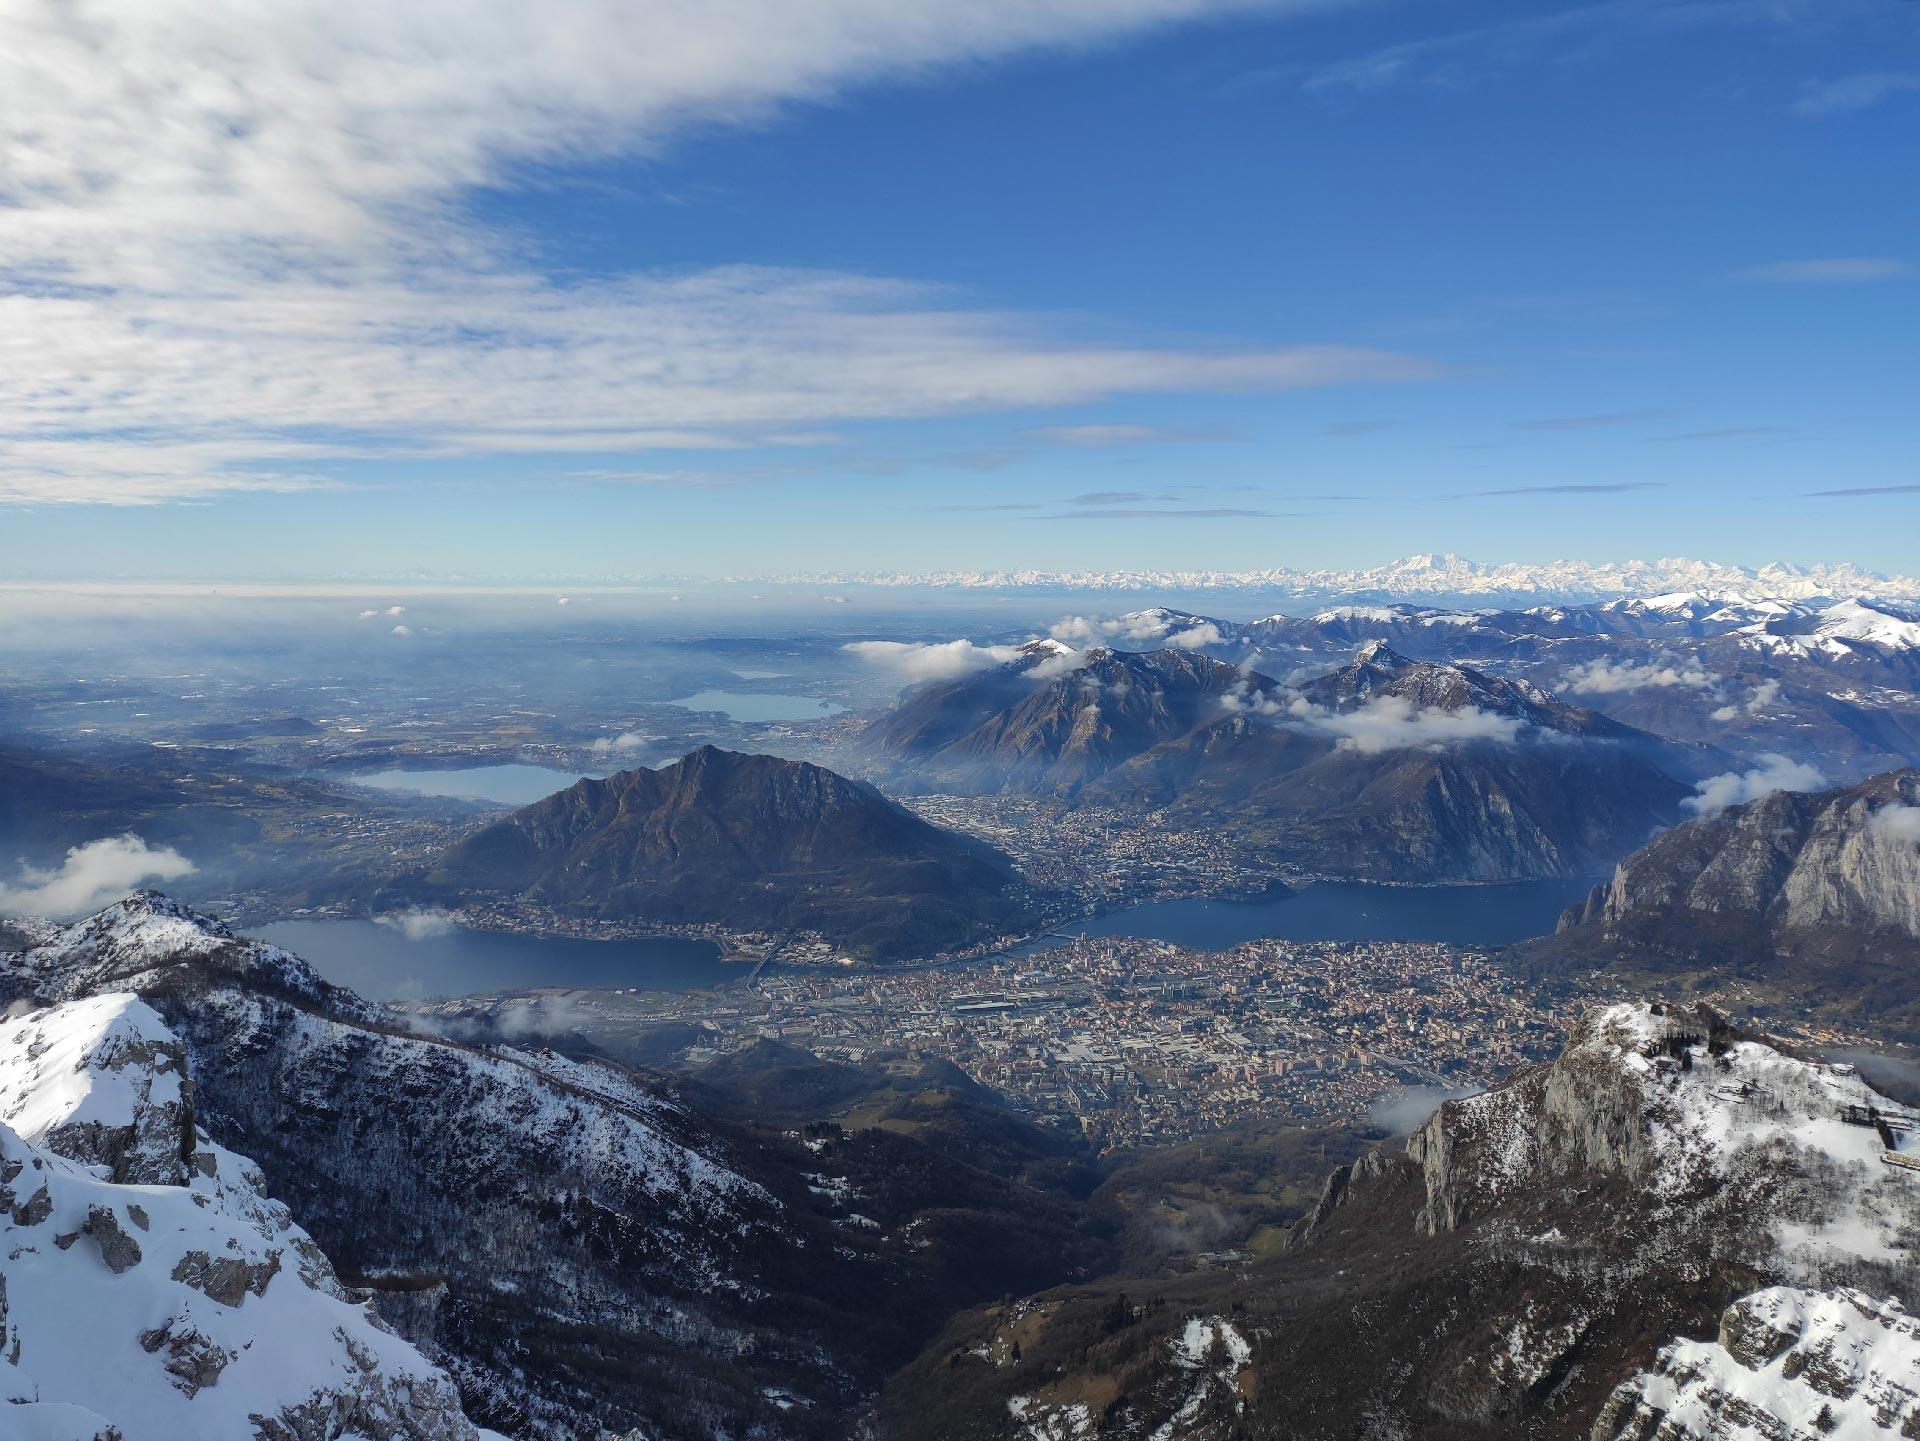 Trekking invernali in Valsassina: panorama su Lecco dalla cima del monte Resegone